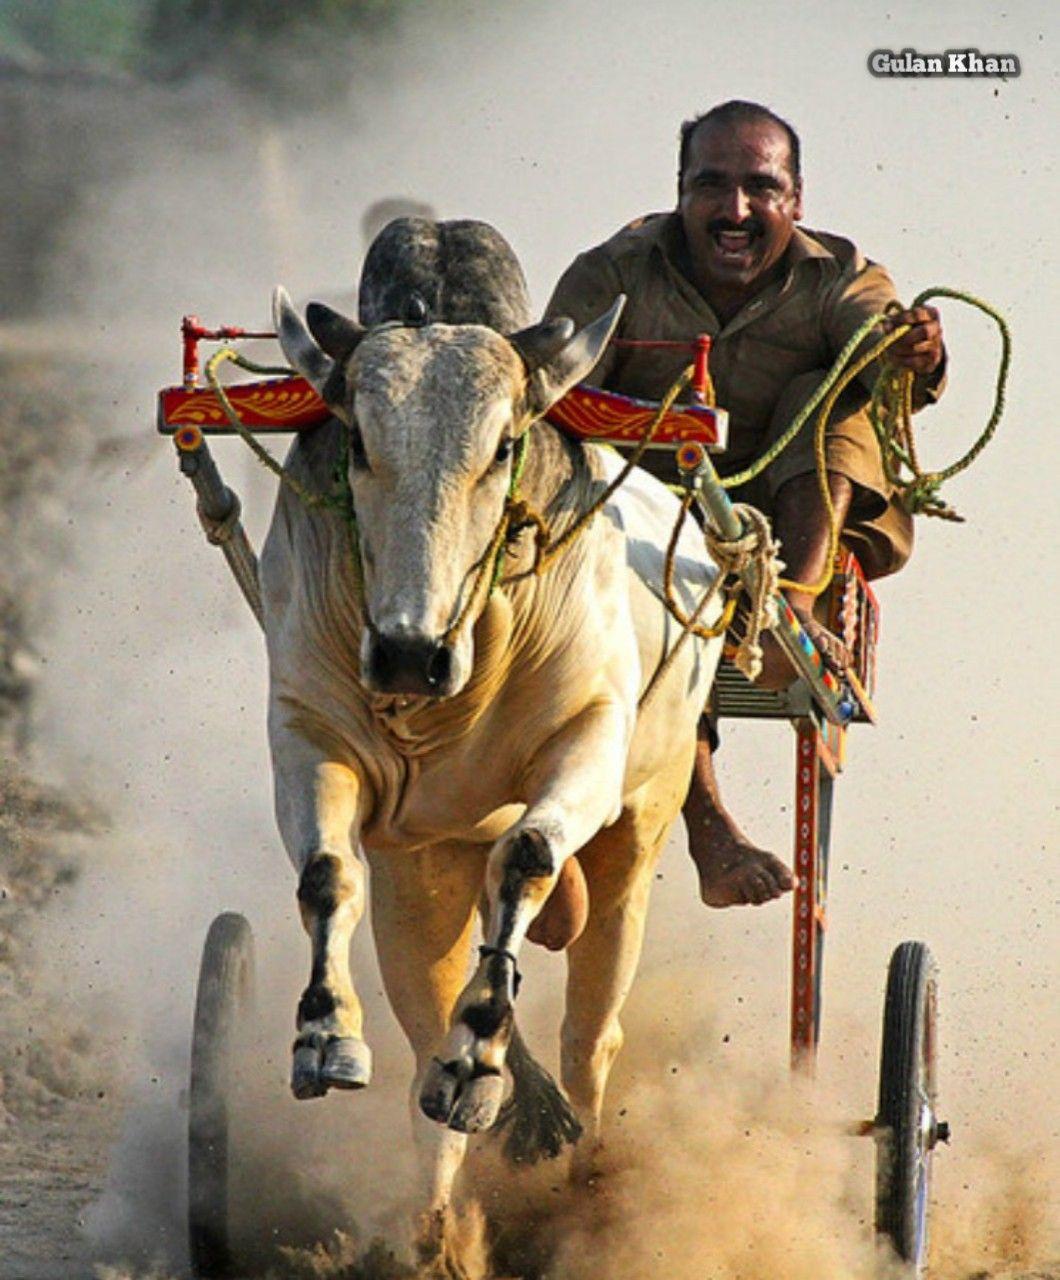 PAKISTAN, Bull Cart racing in rural areas of Punjab